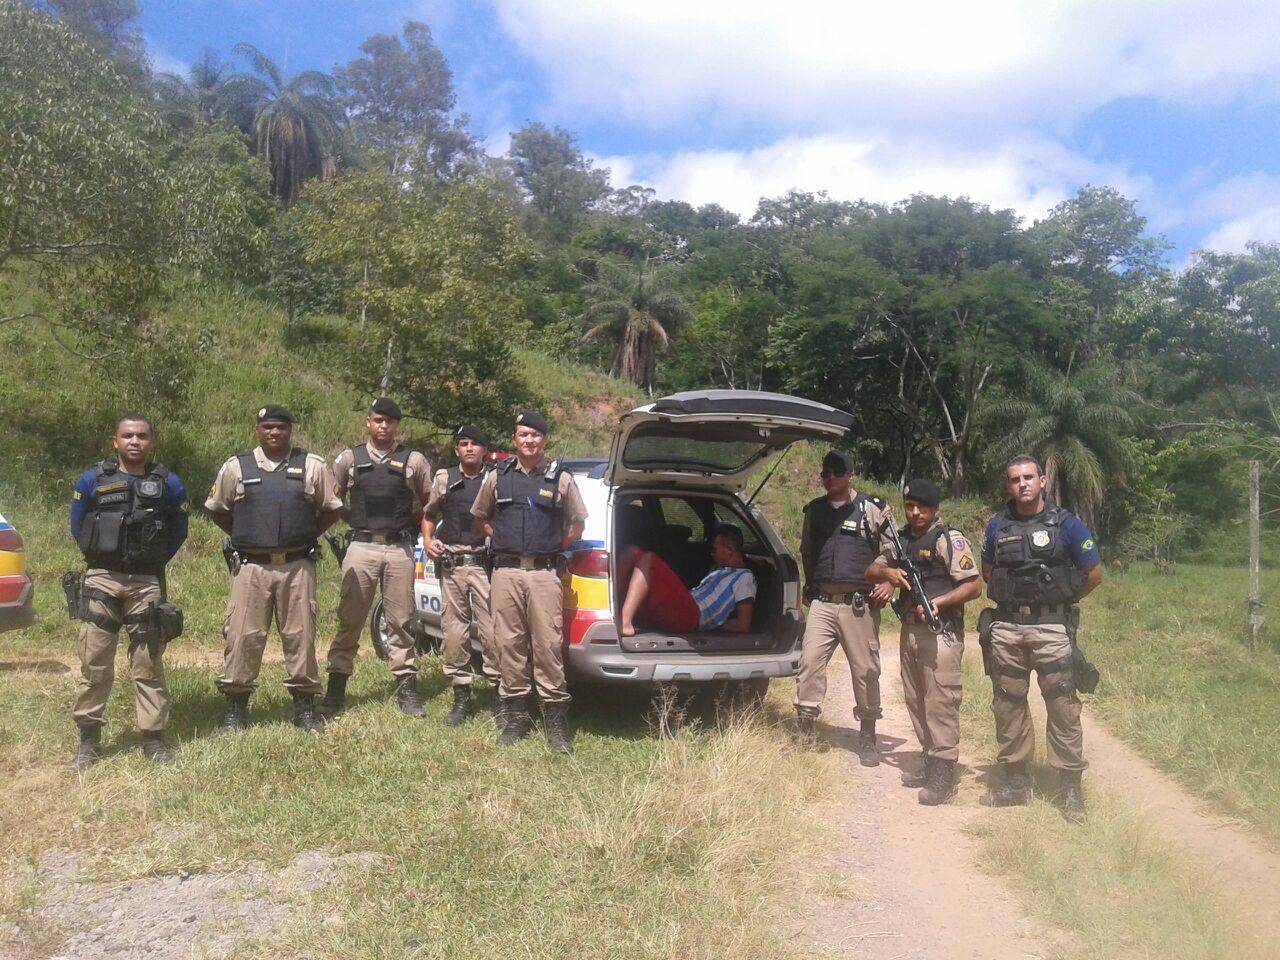 Os autores tentaram fugir quando a PM chegou, mas foram capturados e presos